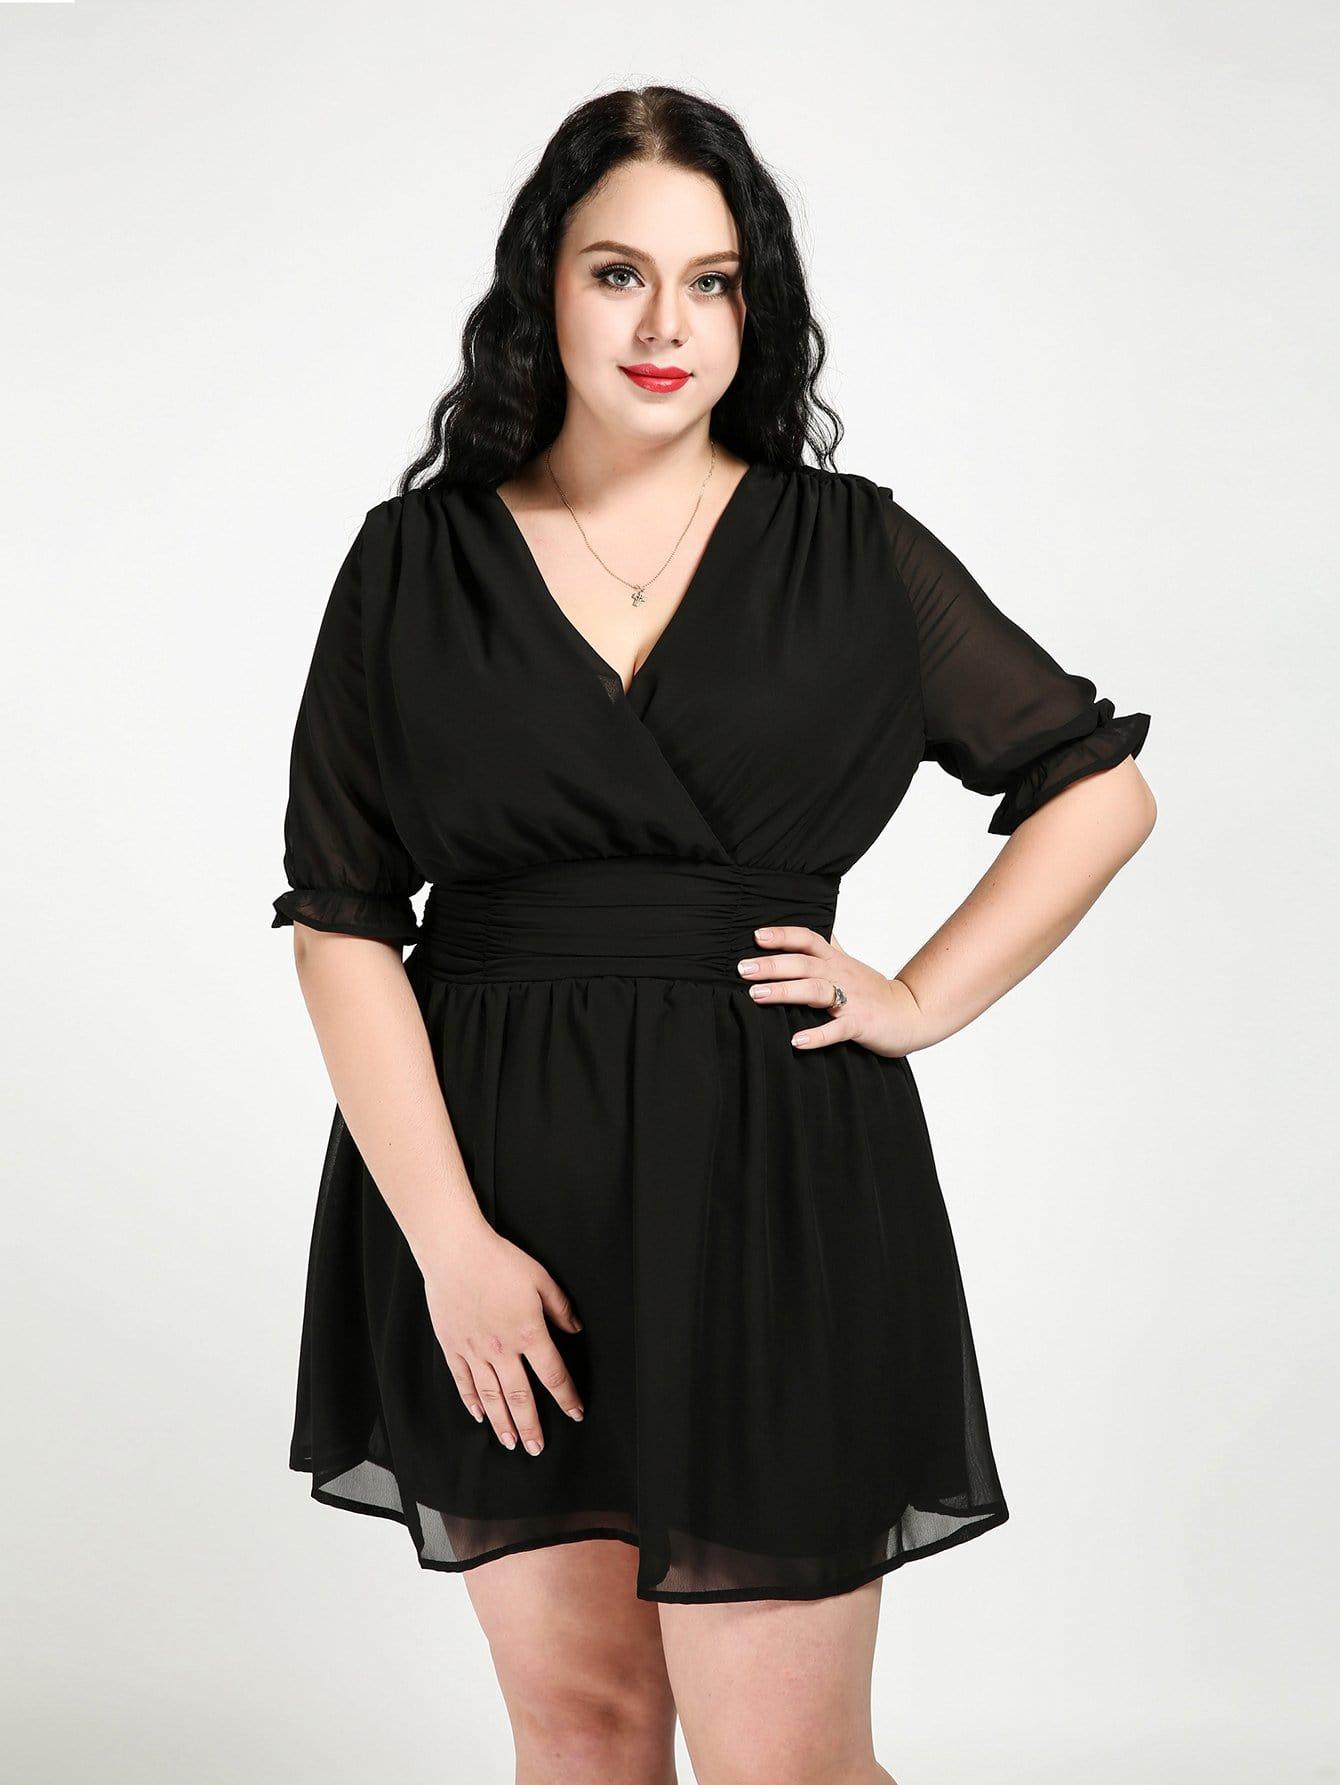 Купить Платье для оборки с двойным V-образным вырезом, null, SheIn